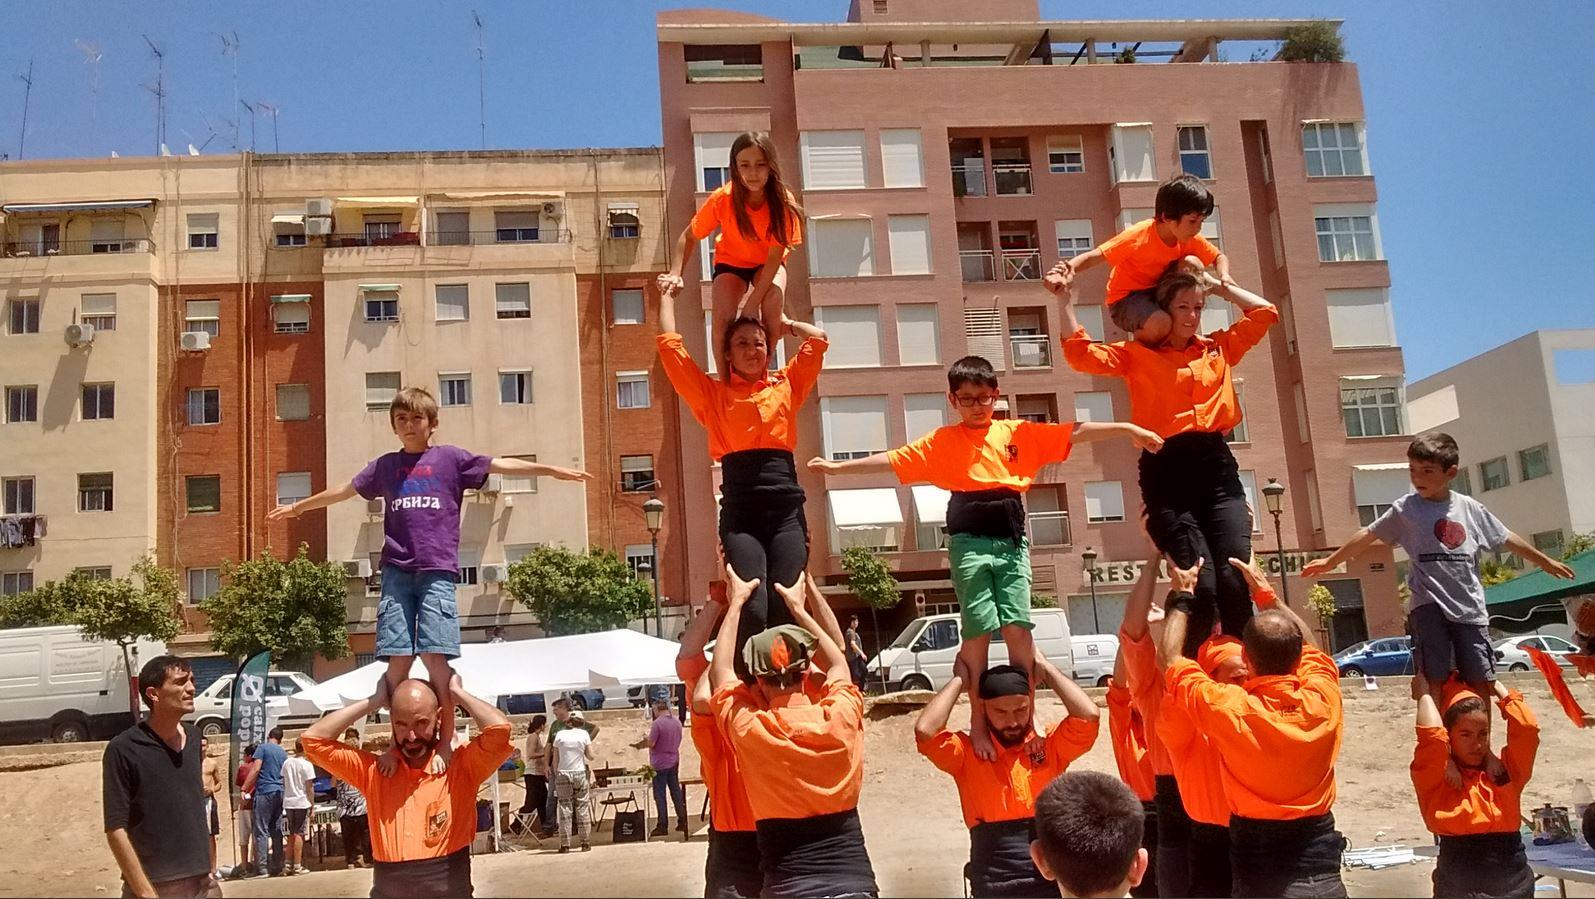 holiday in Valencia vacaciones en Valencia Orriols Convive